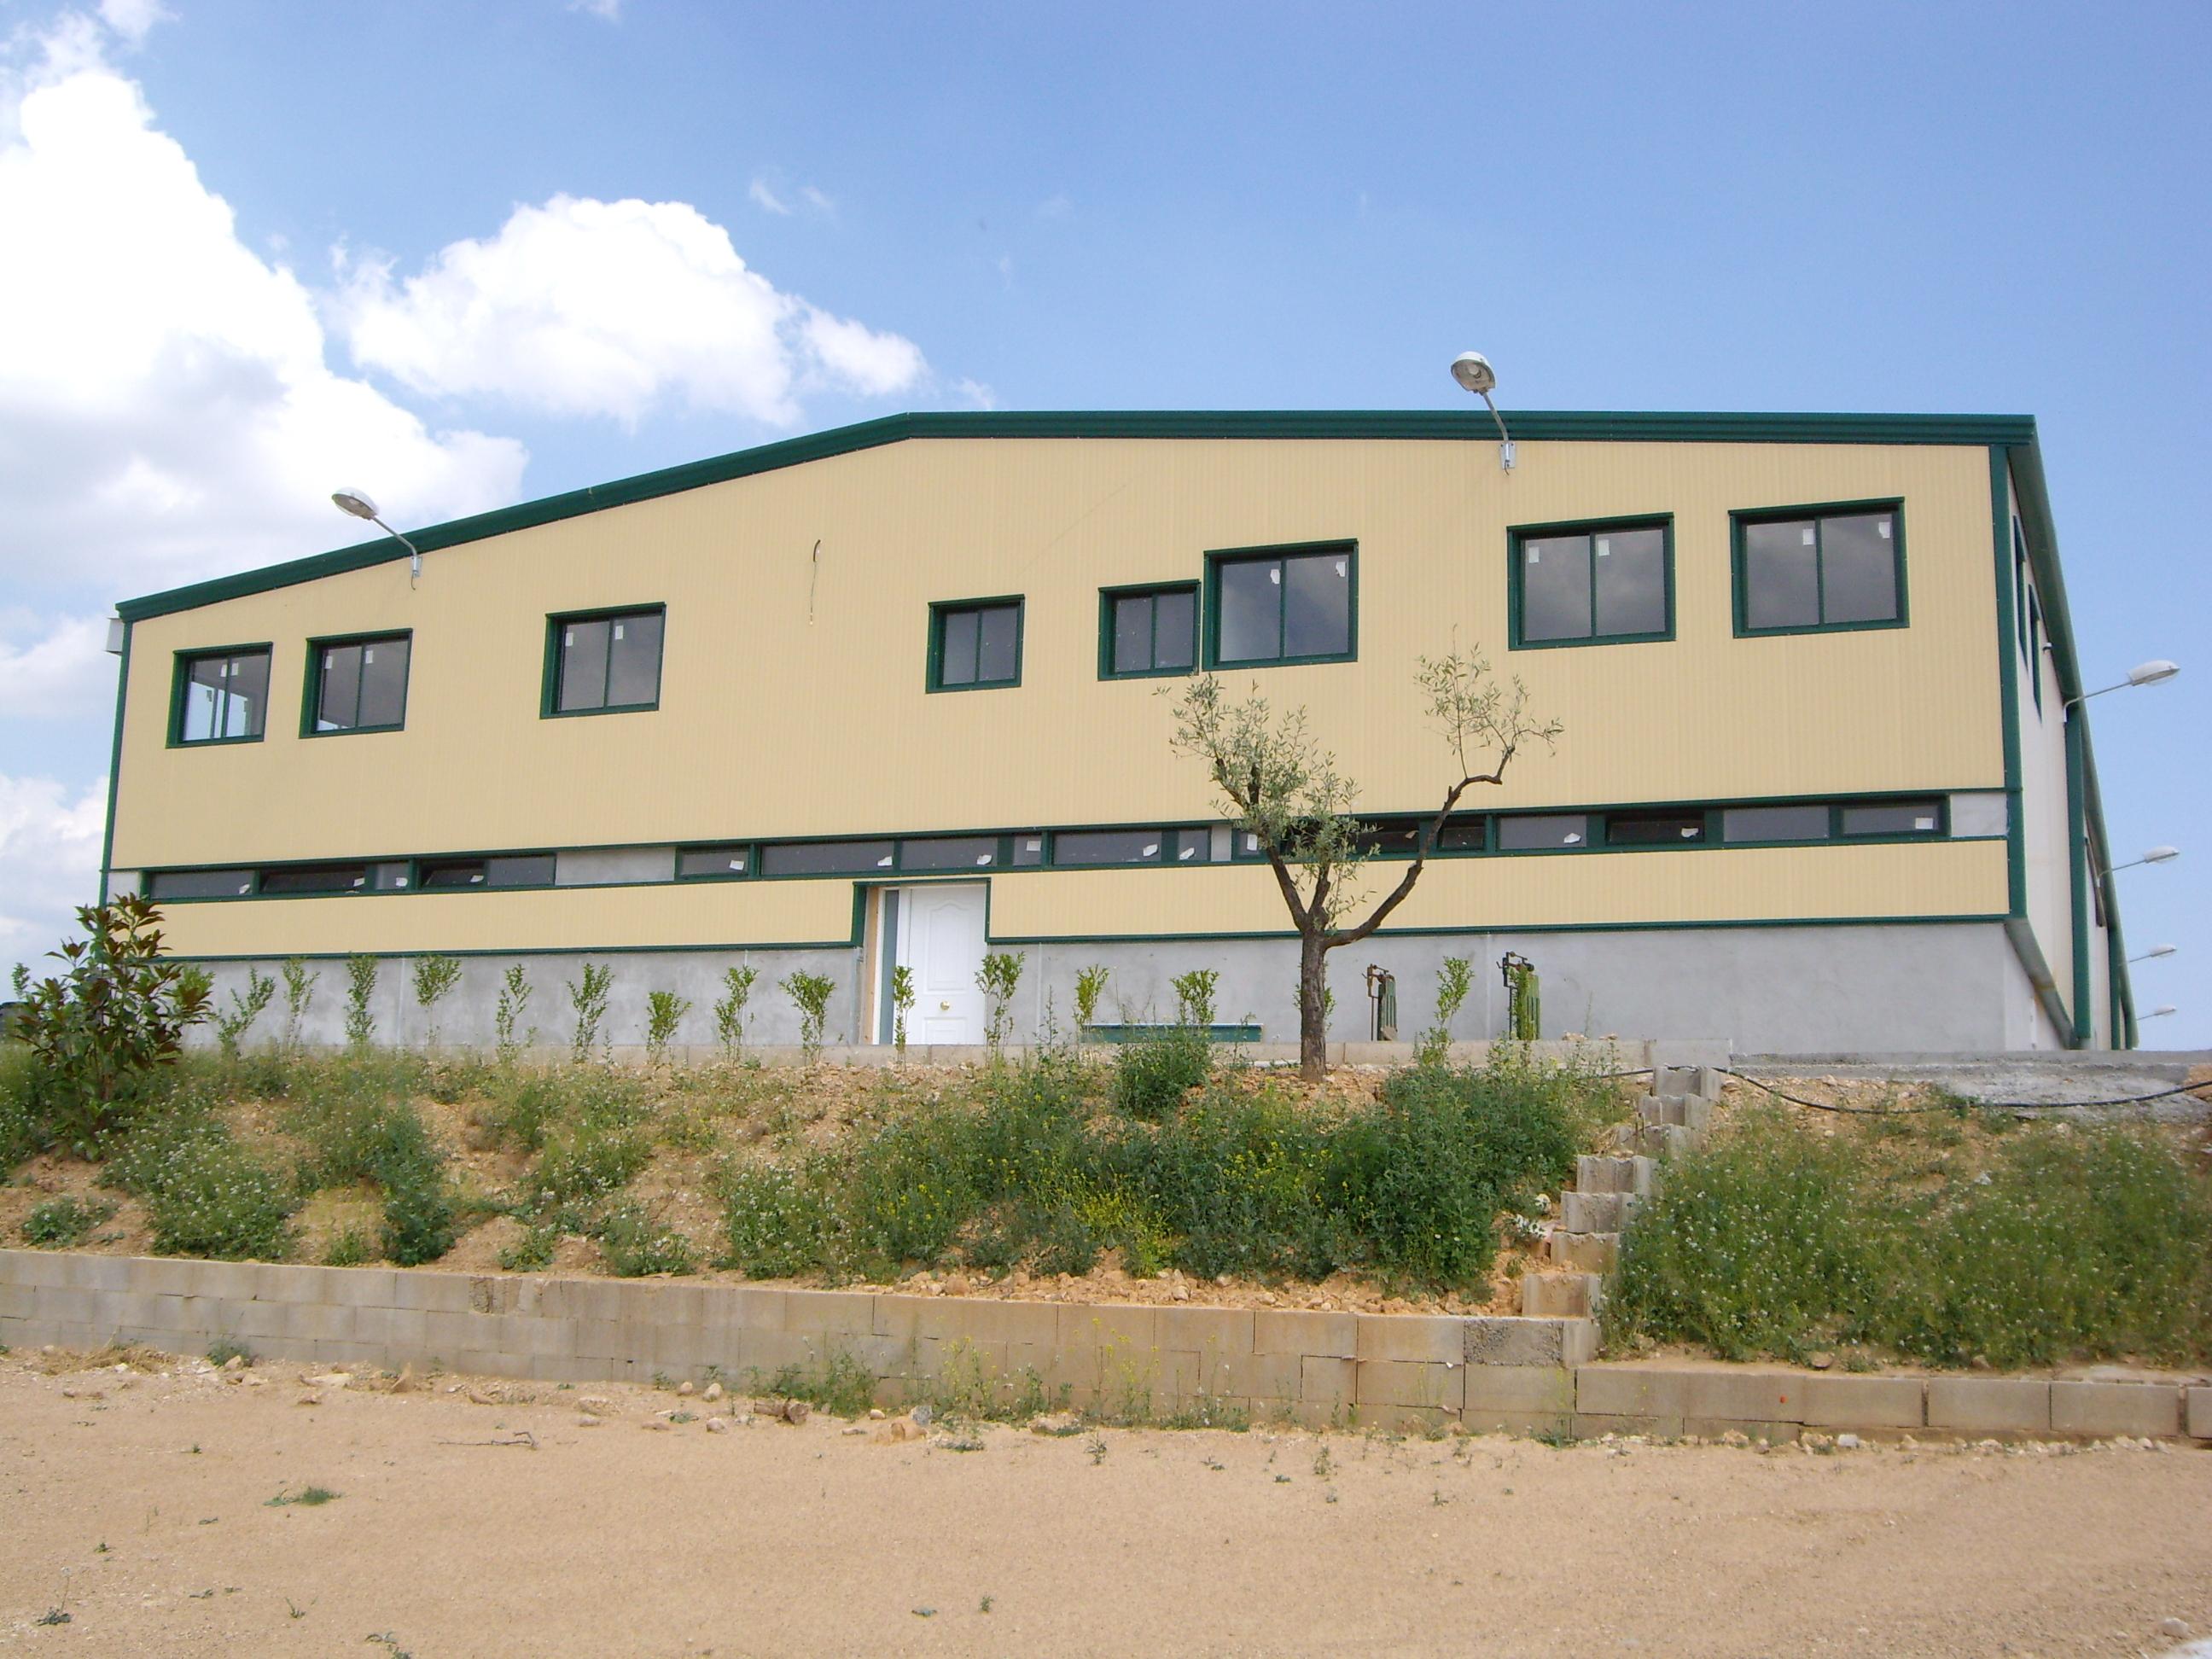 Nave agrícola ECORAPID. Estructura metálica modular prefabricada